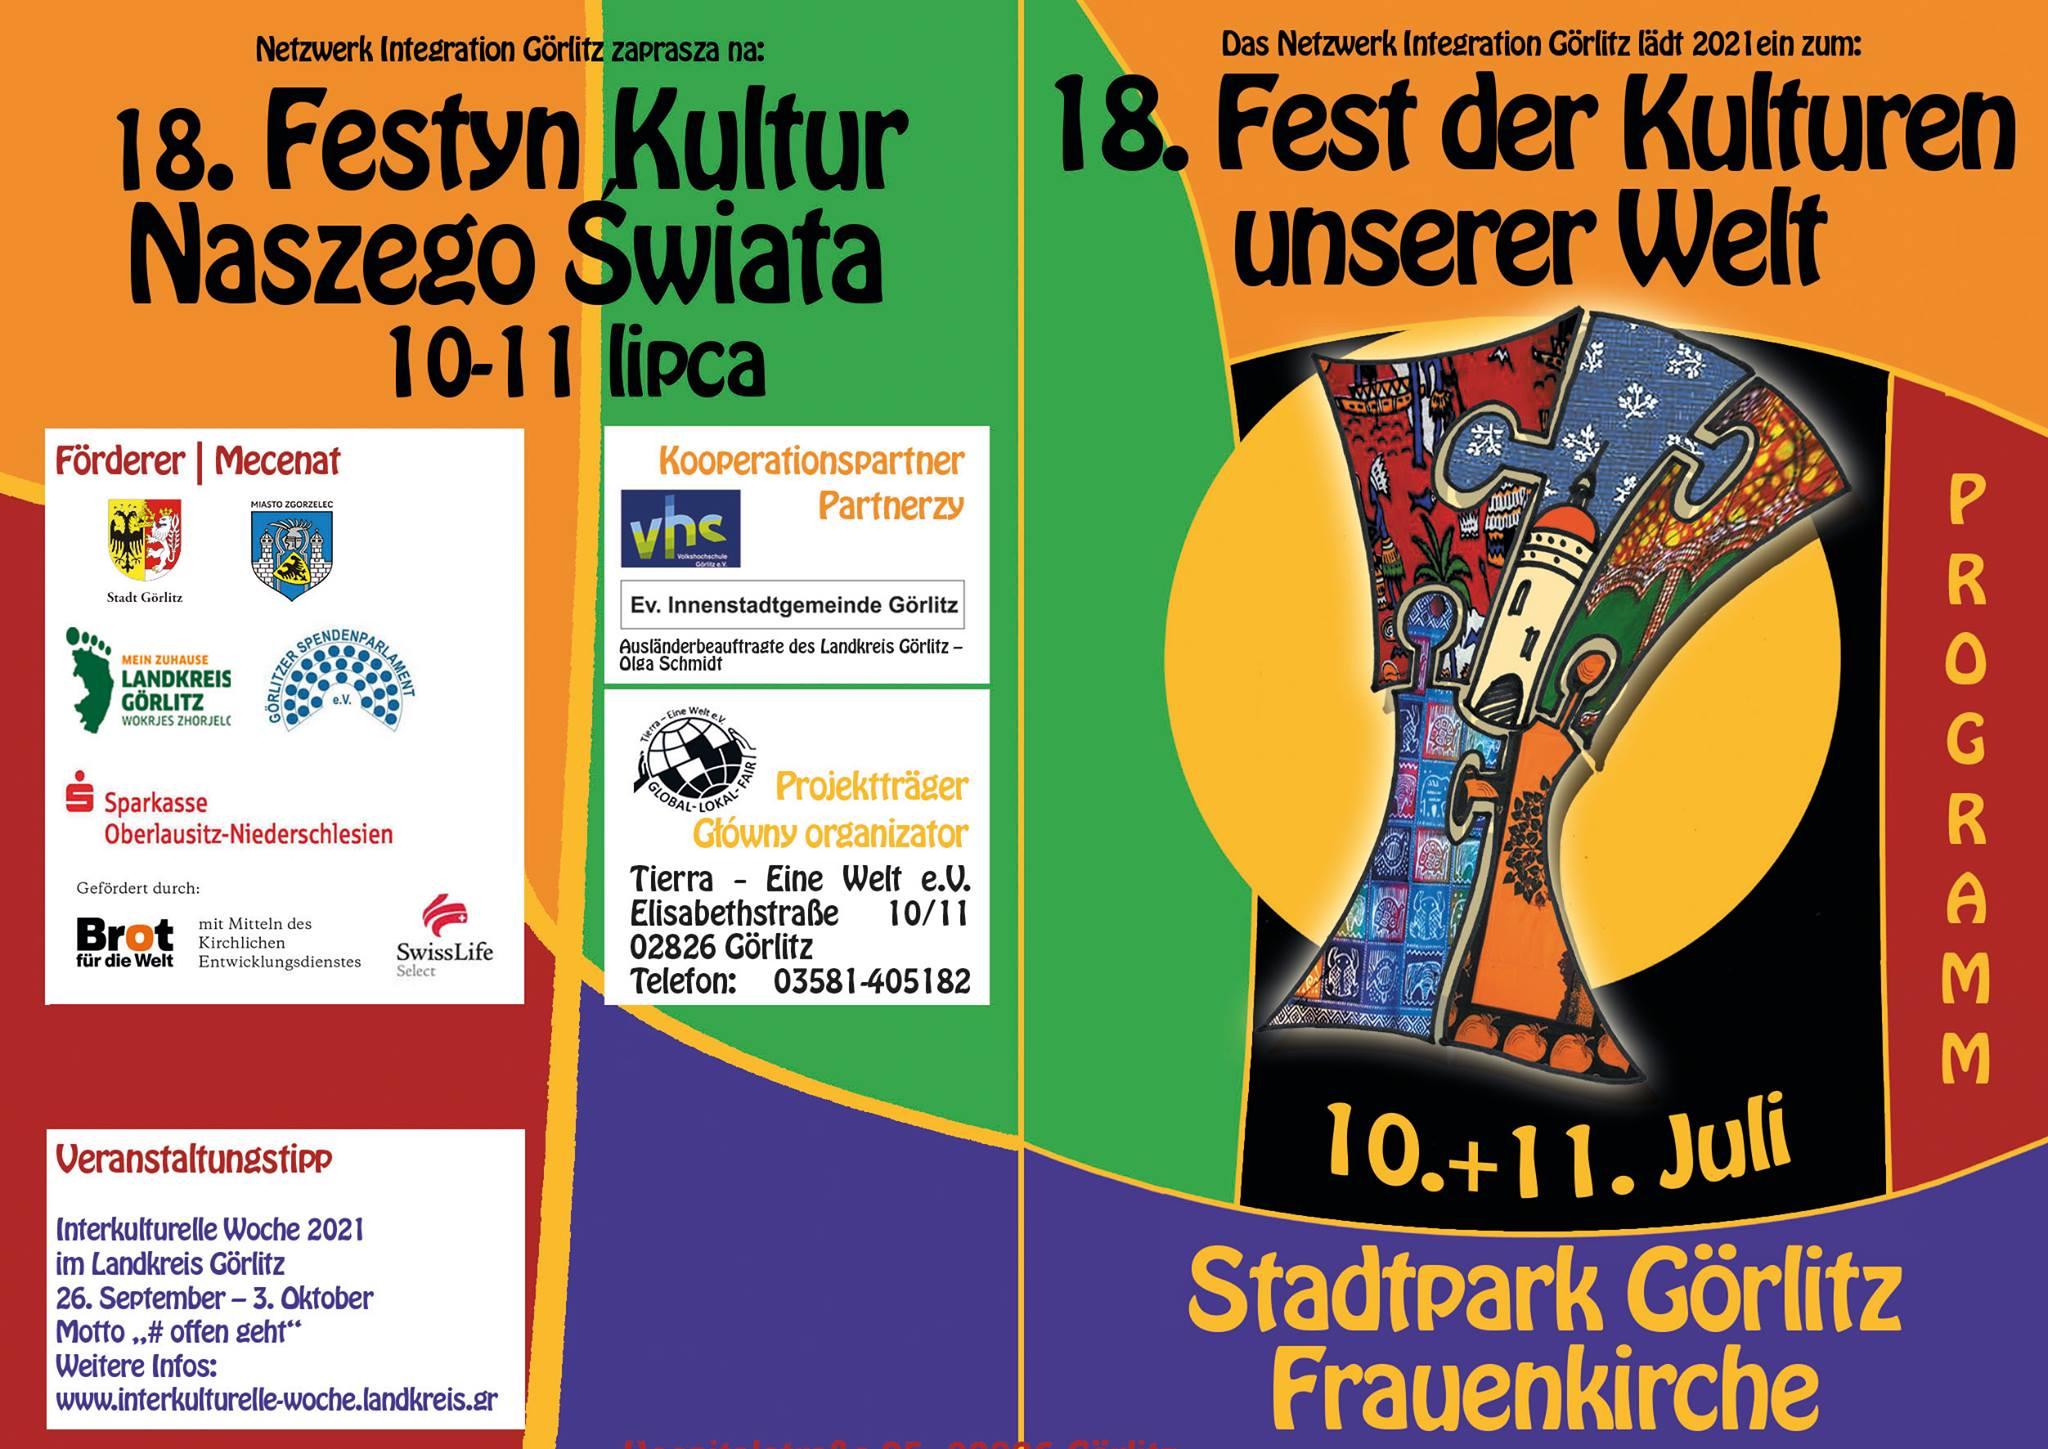 18. Festyn Kultur Naszego Świata 2021